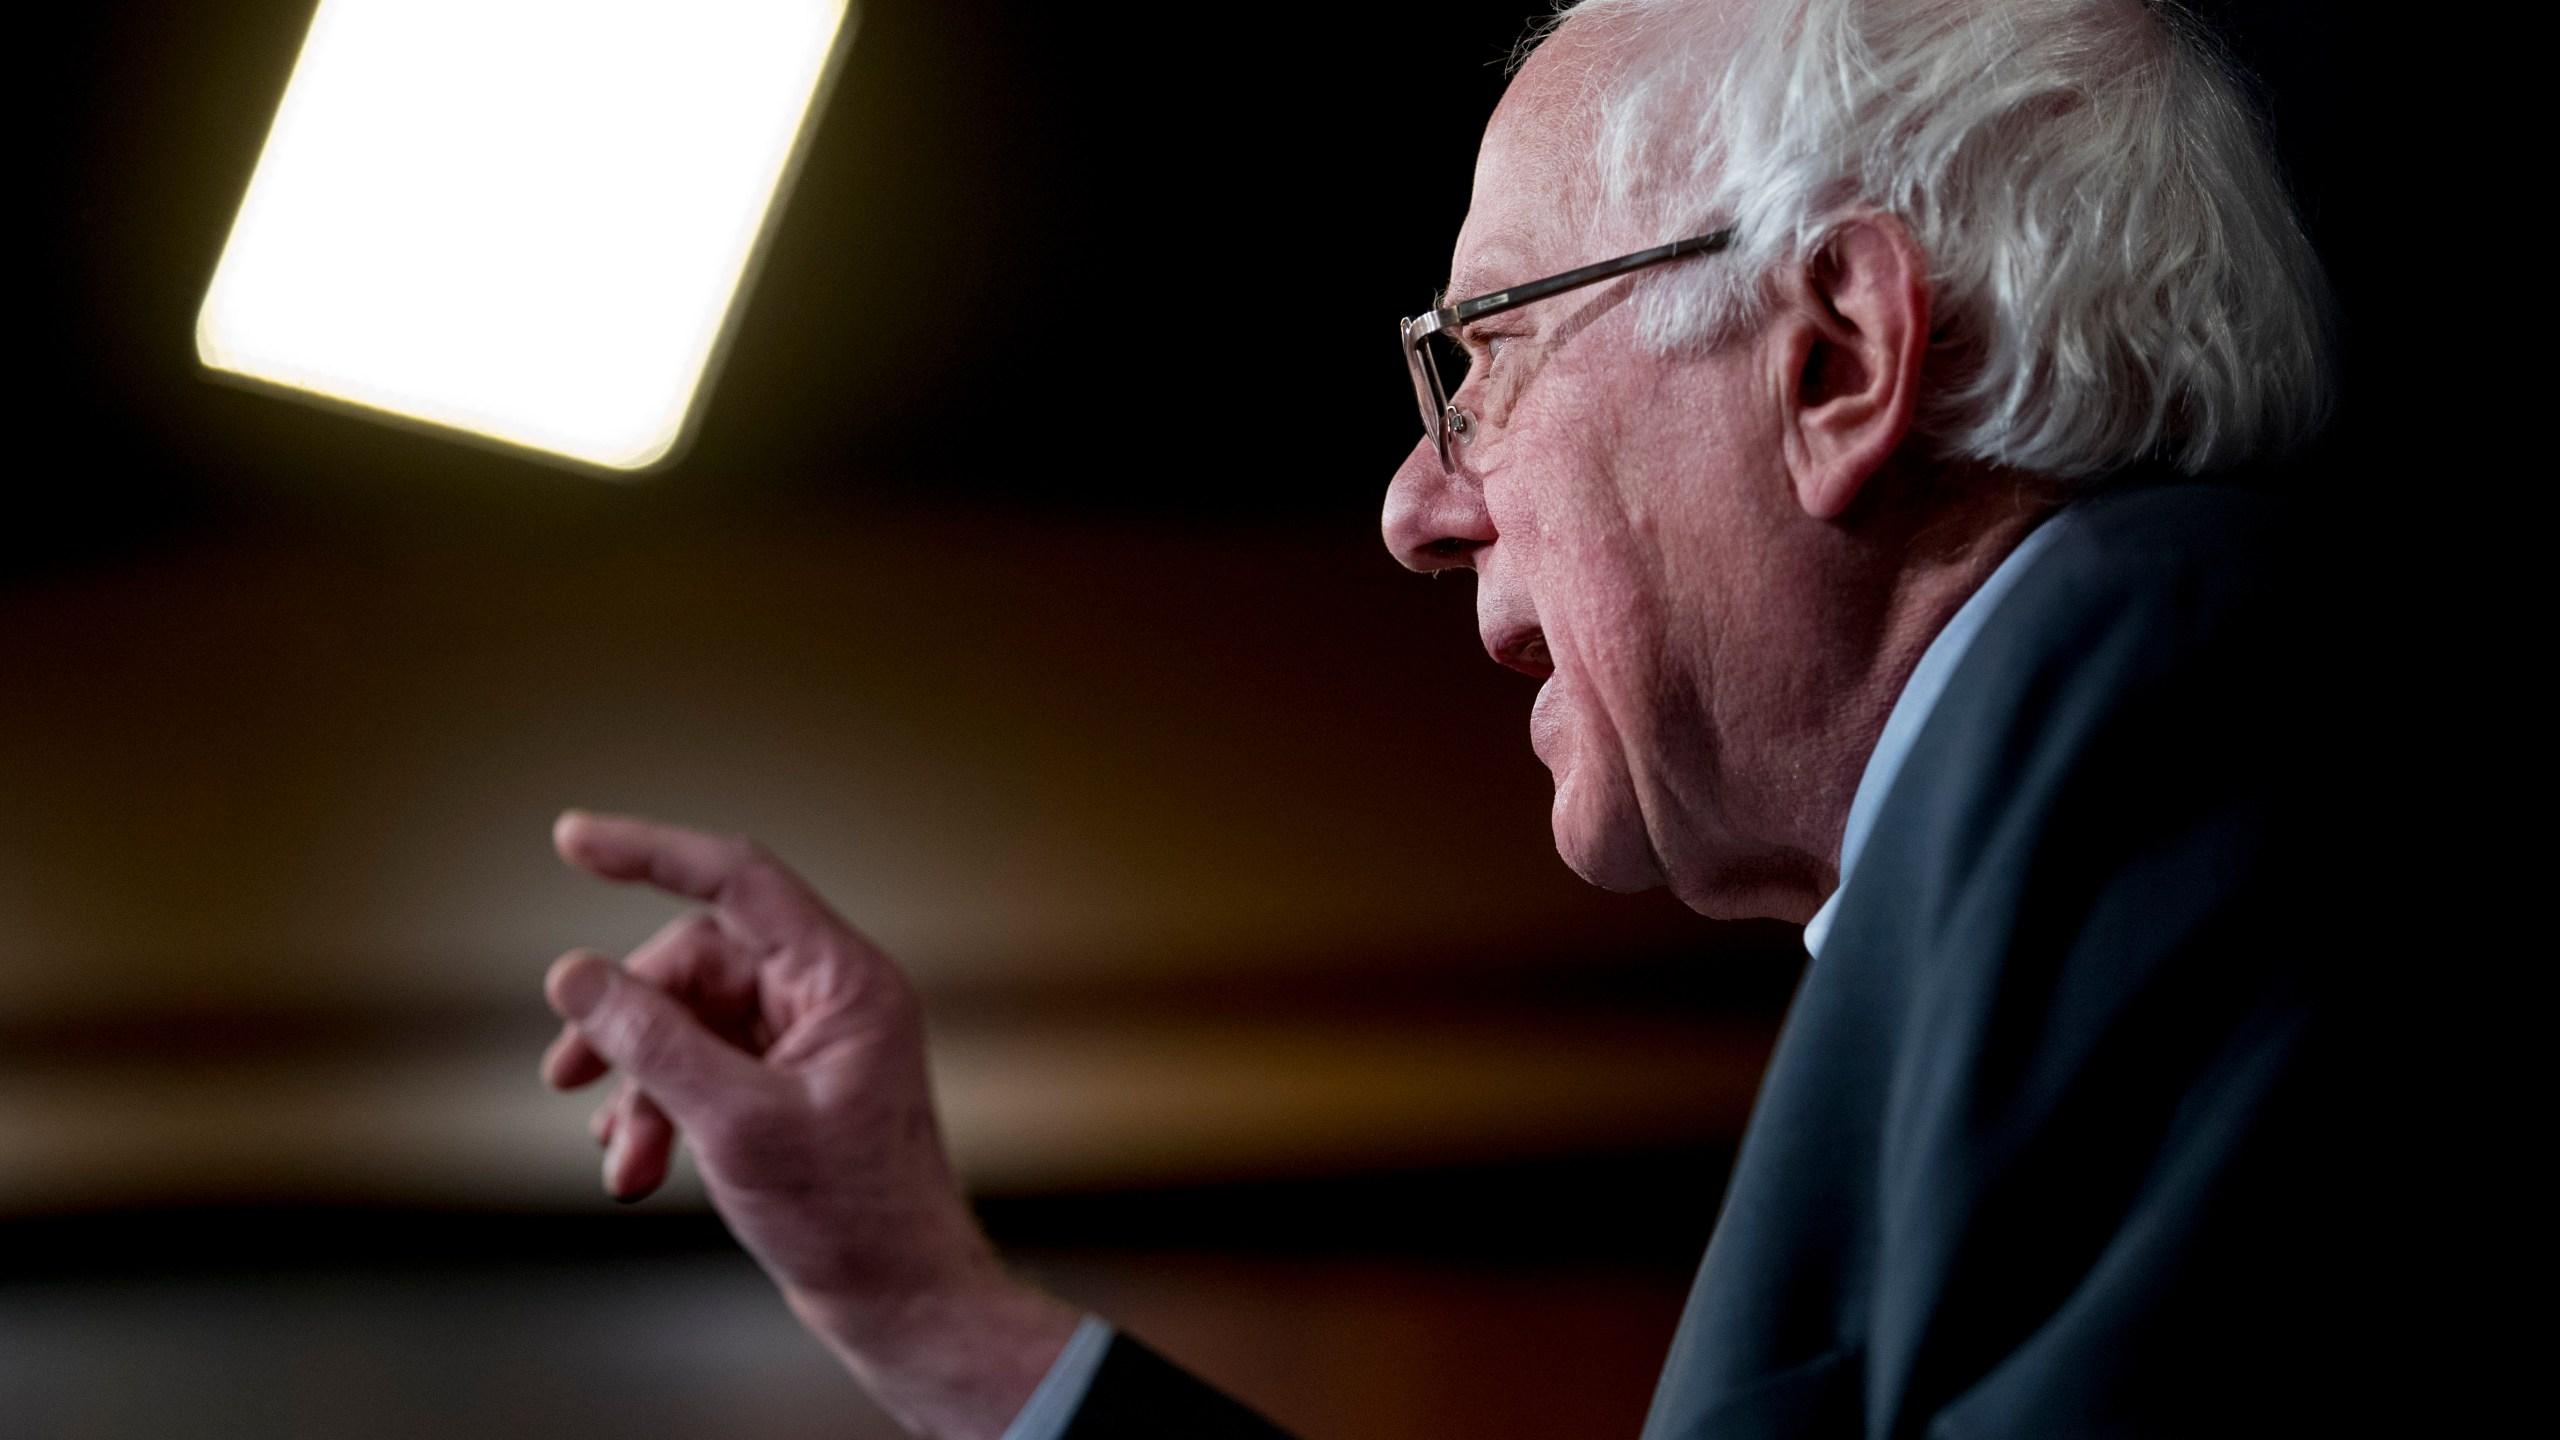 Bernie_Sanders_Taxes_98426-159532.jpg83715811